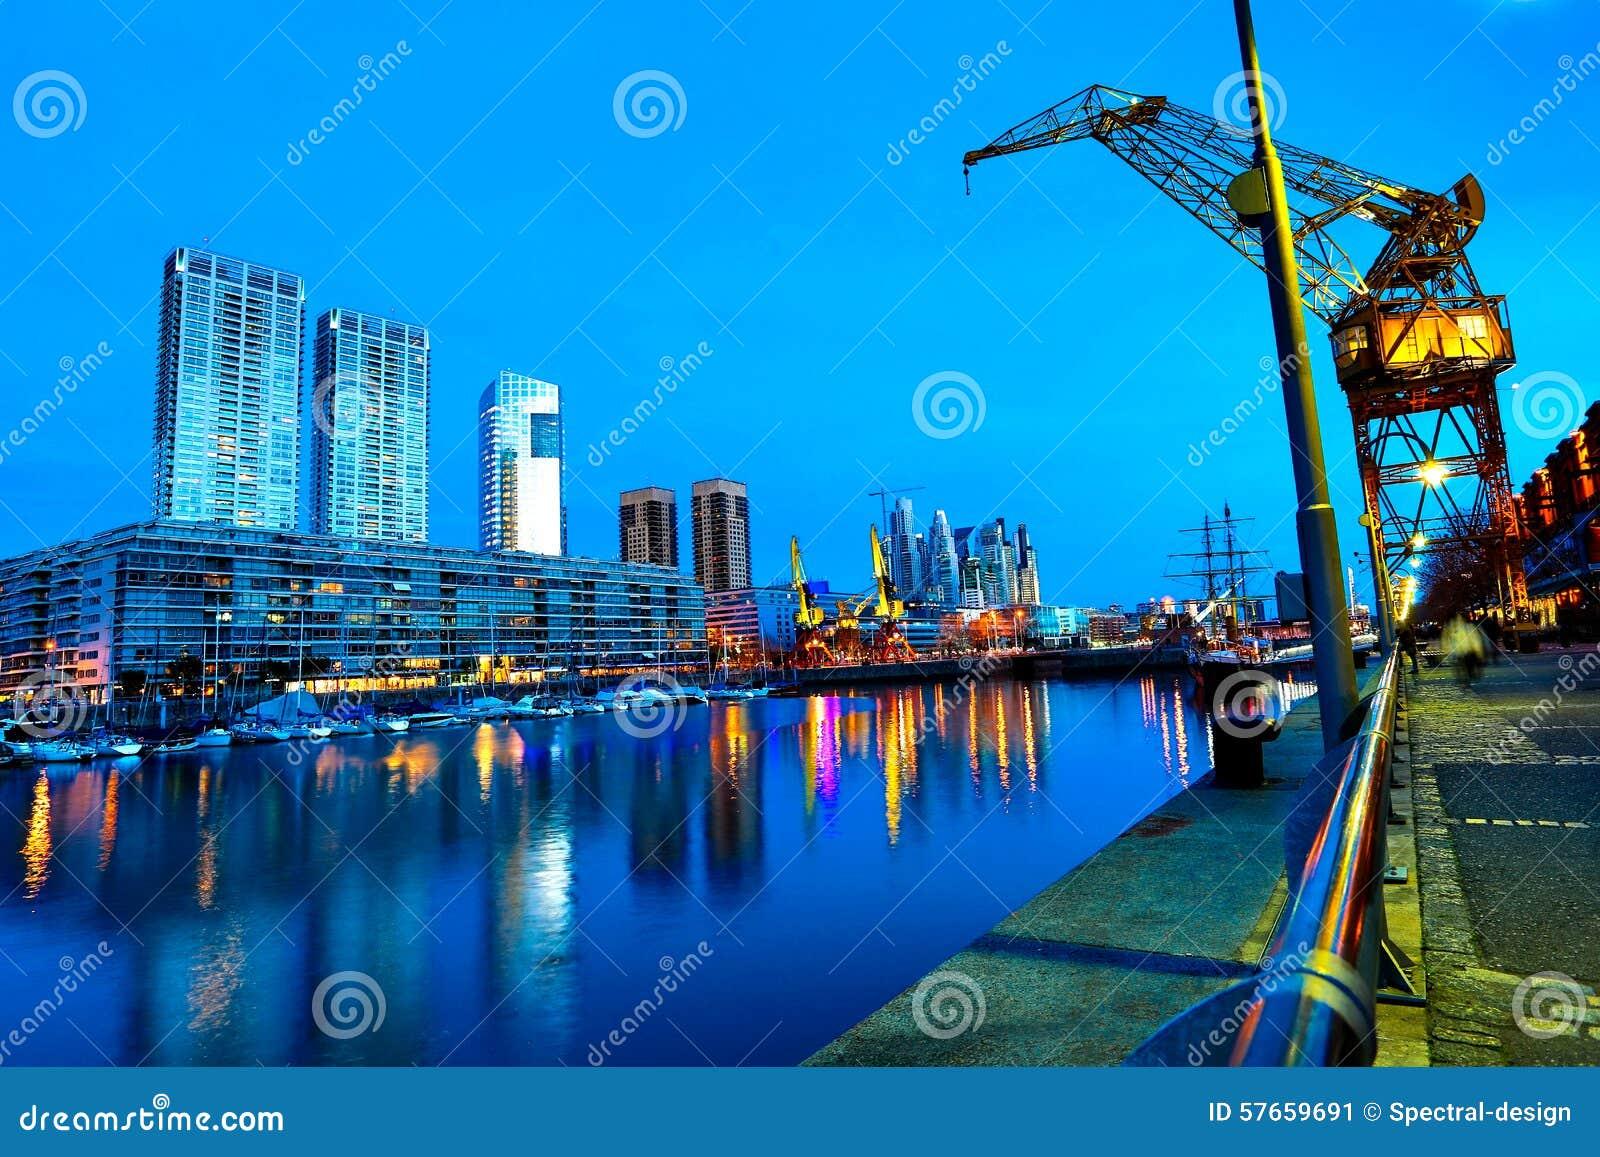 Puerto Madero w Buenos Aires przy nocą